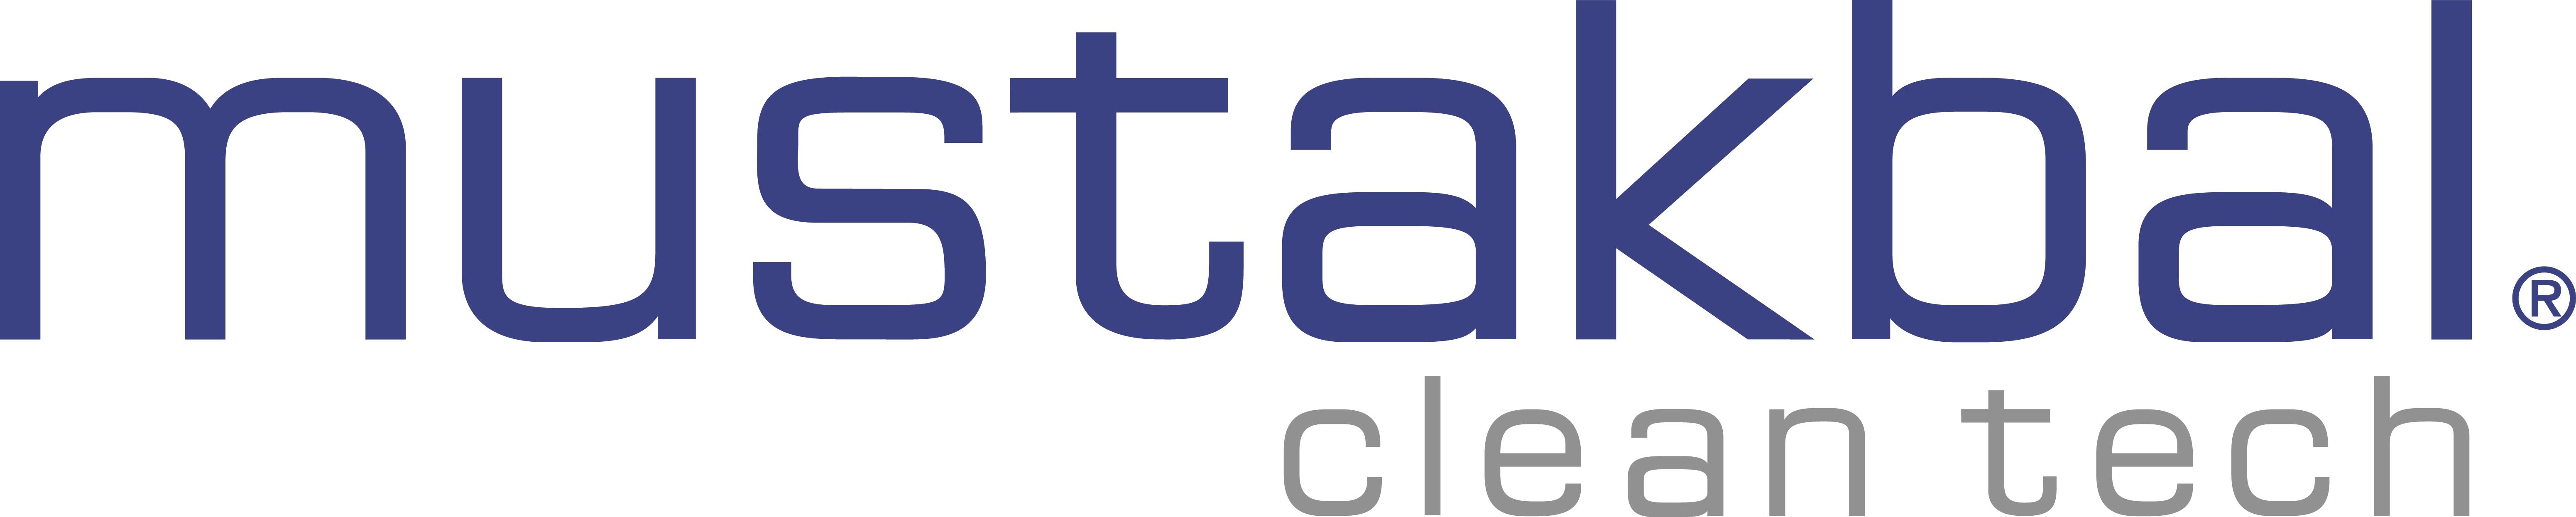 Mustakbal clean tech